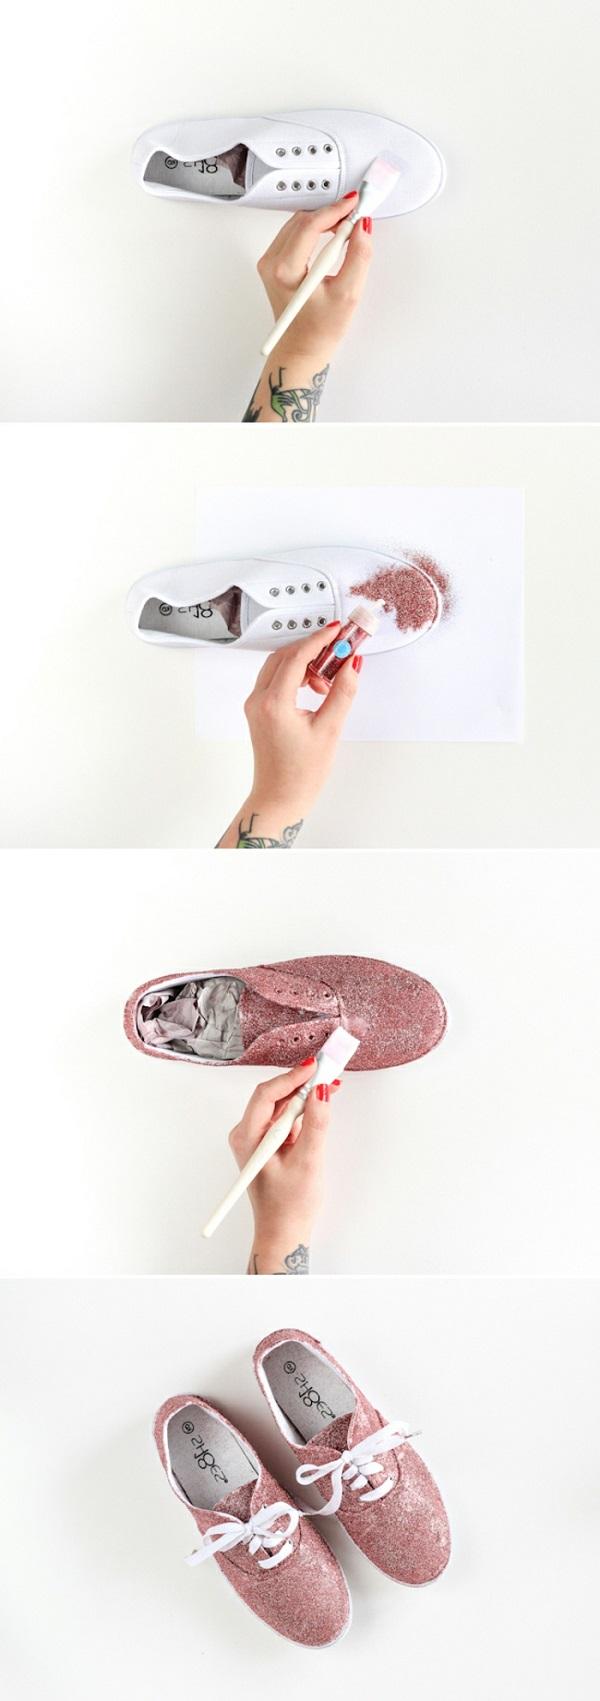 Ecco come trasformare le vecchie scarpe di ginnastica, colore rosa glitter da mettere con un pennello